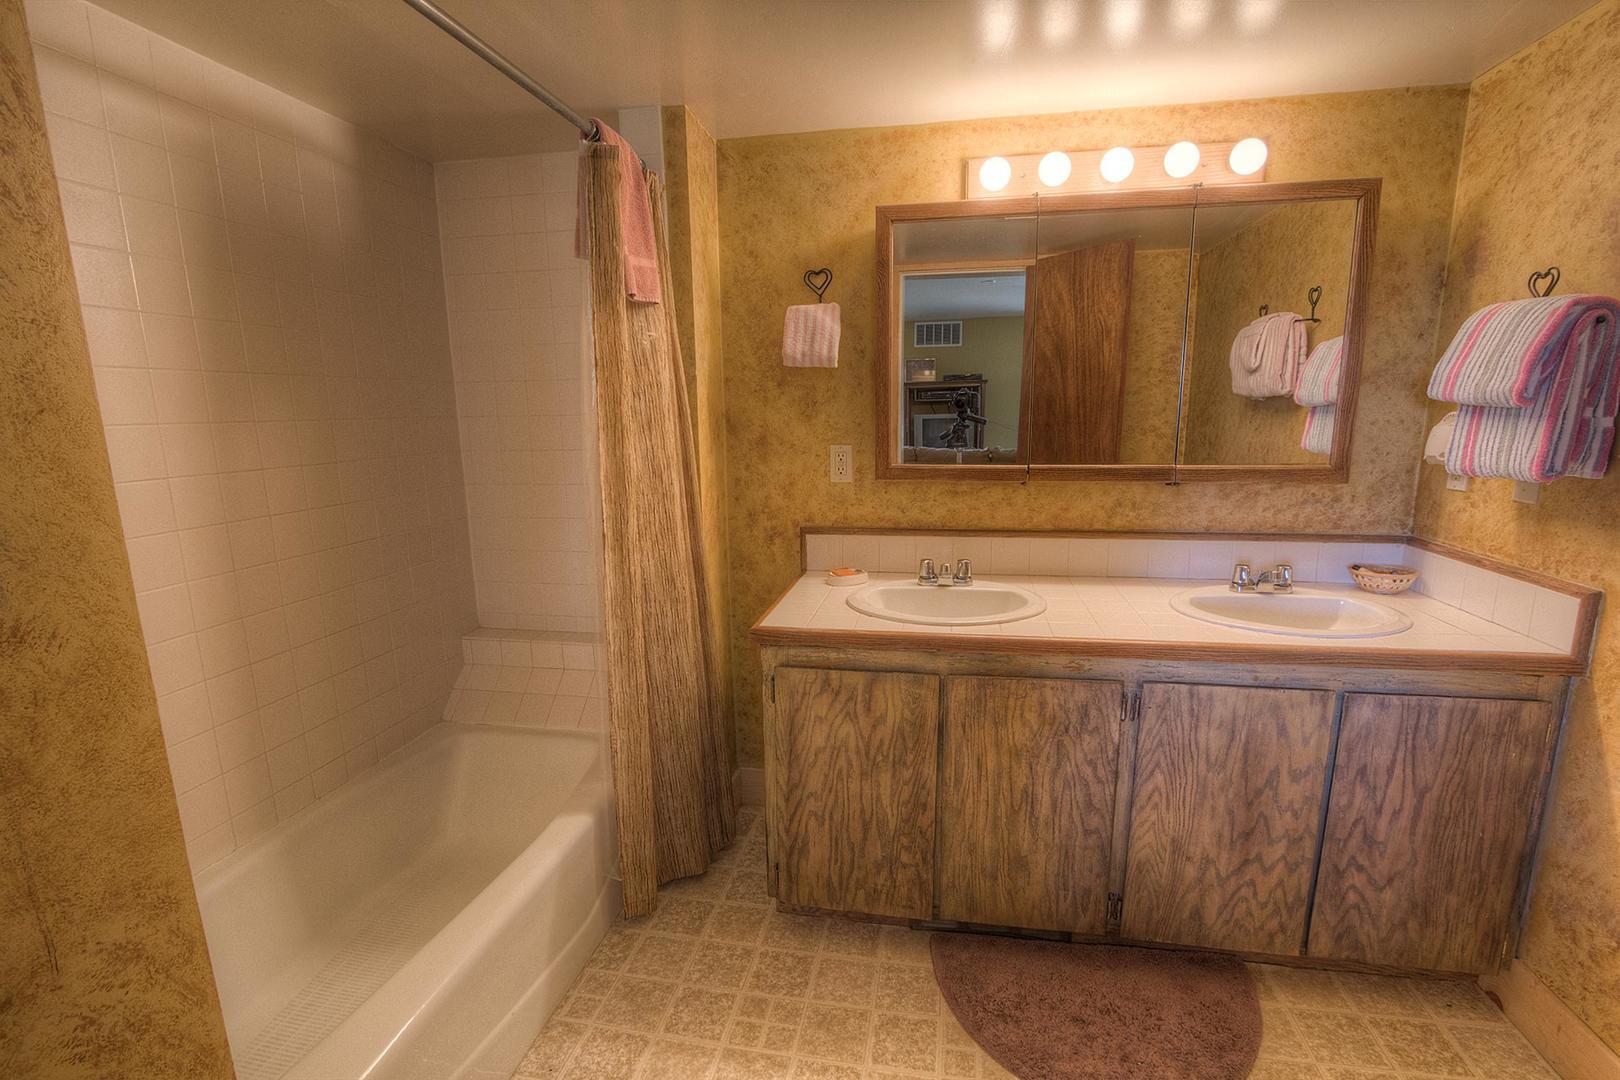 hch1202 bathroom